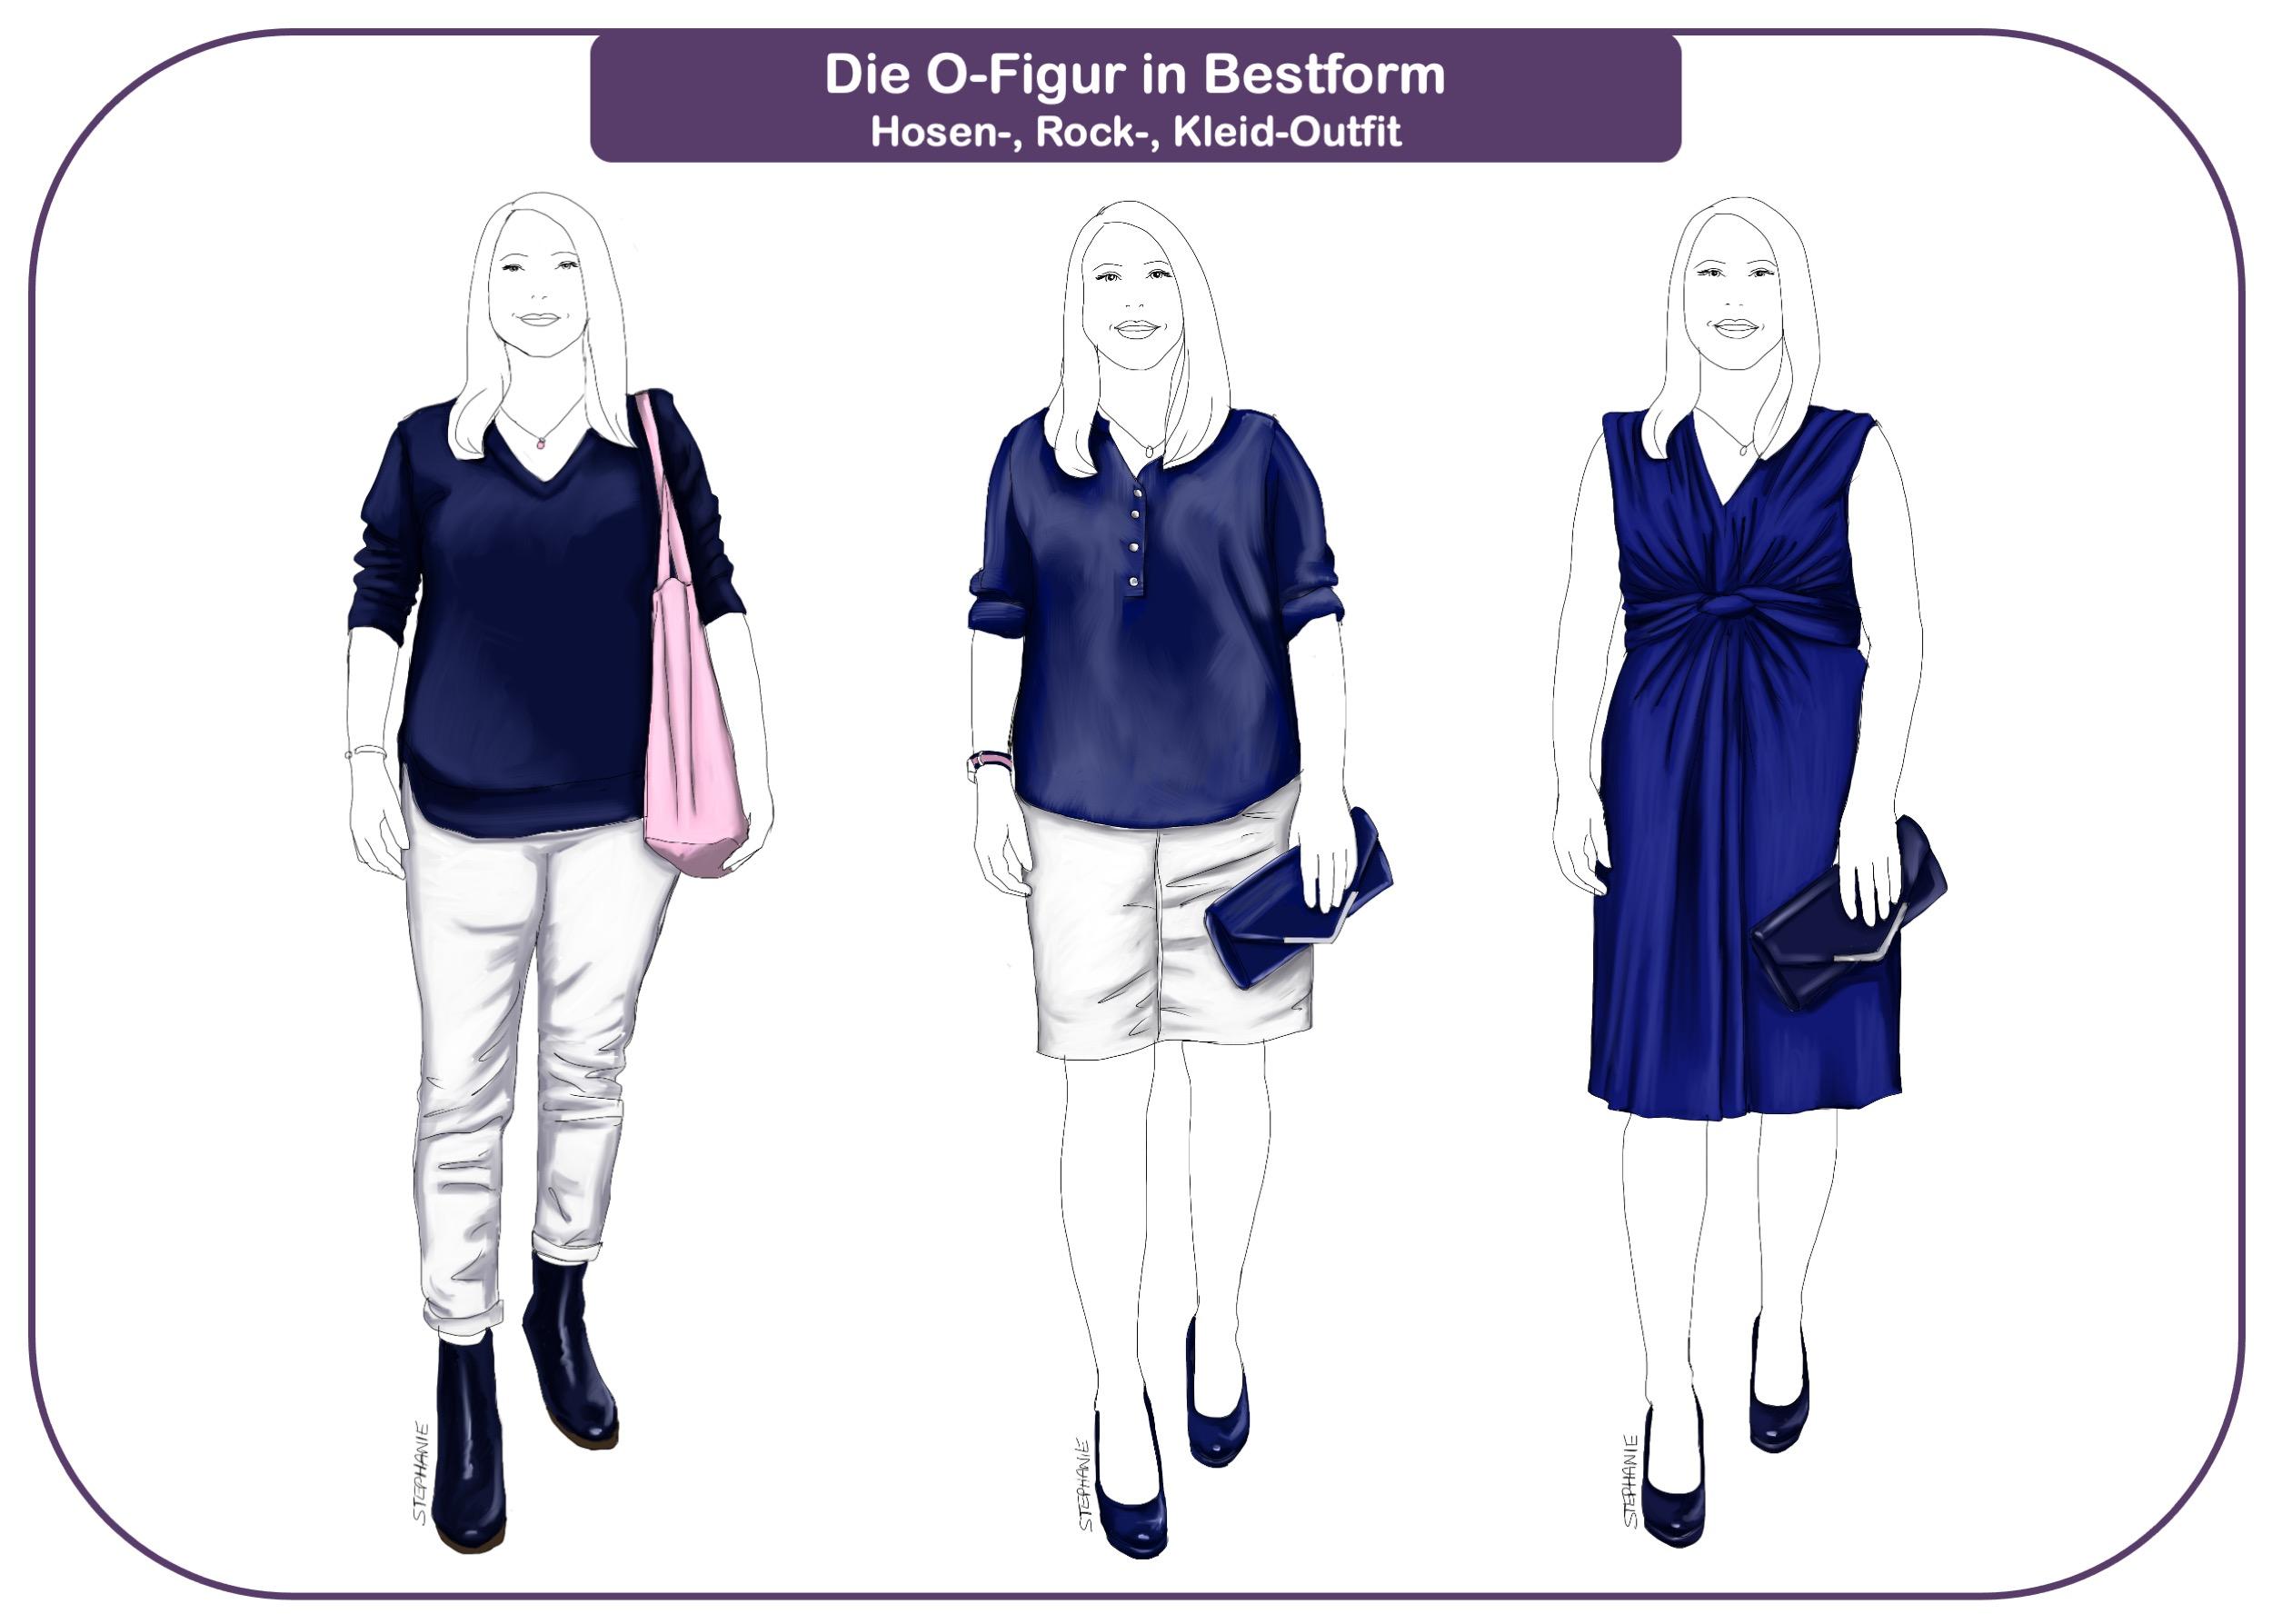 Drei Outfits für die Minimalistin mit O-Figur: mit Hose, Rock und Kleid